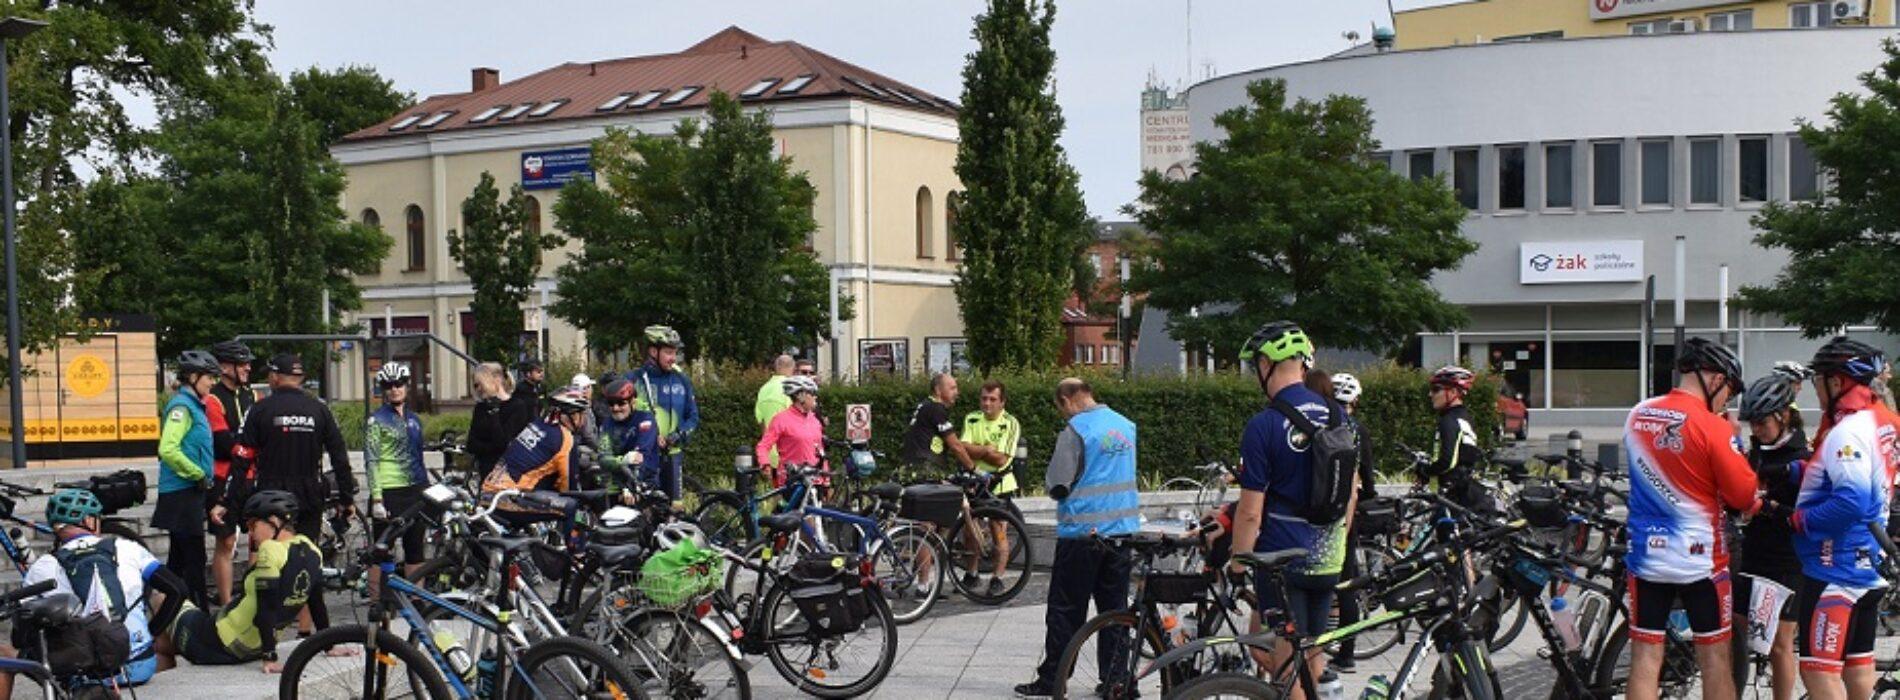 Piła coraz popularniejsza wśród rowerzystów